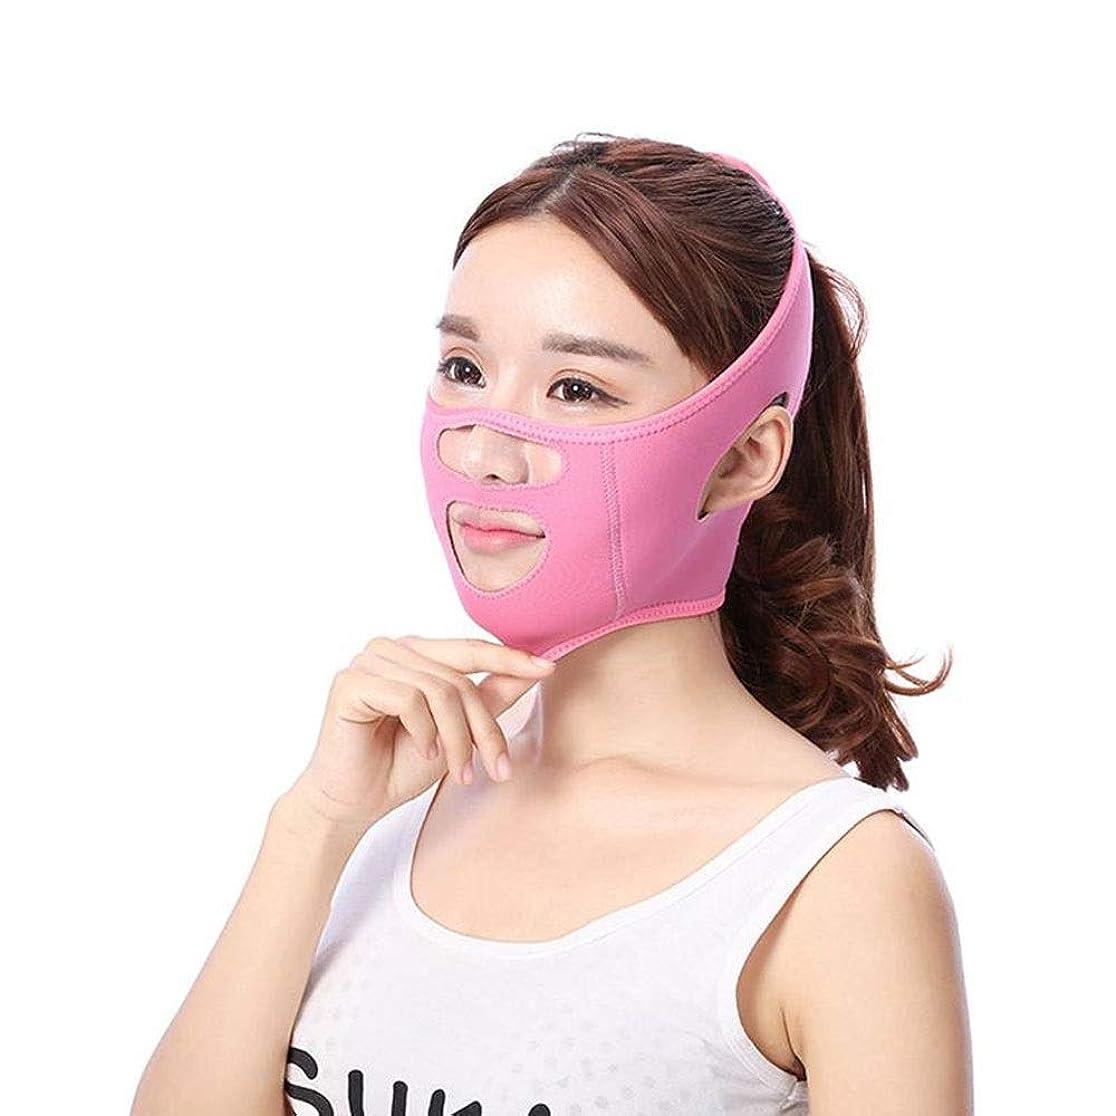 汚染信号アシュリータファーマンMinmin シンフェイスアーティファクトリフティング引き締めフェイス睡眠包帯フェイシャルリフティングアンチ垂れ下がり法律パターンステッカー8ワード口角 - ピンク みんみんVラインフェイスマスク